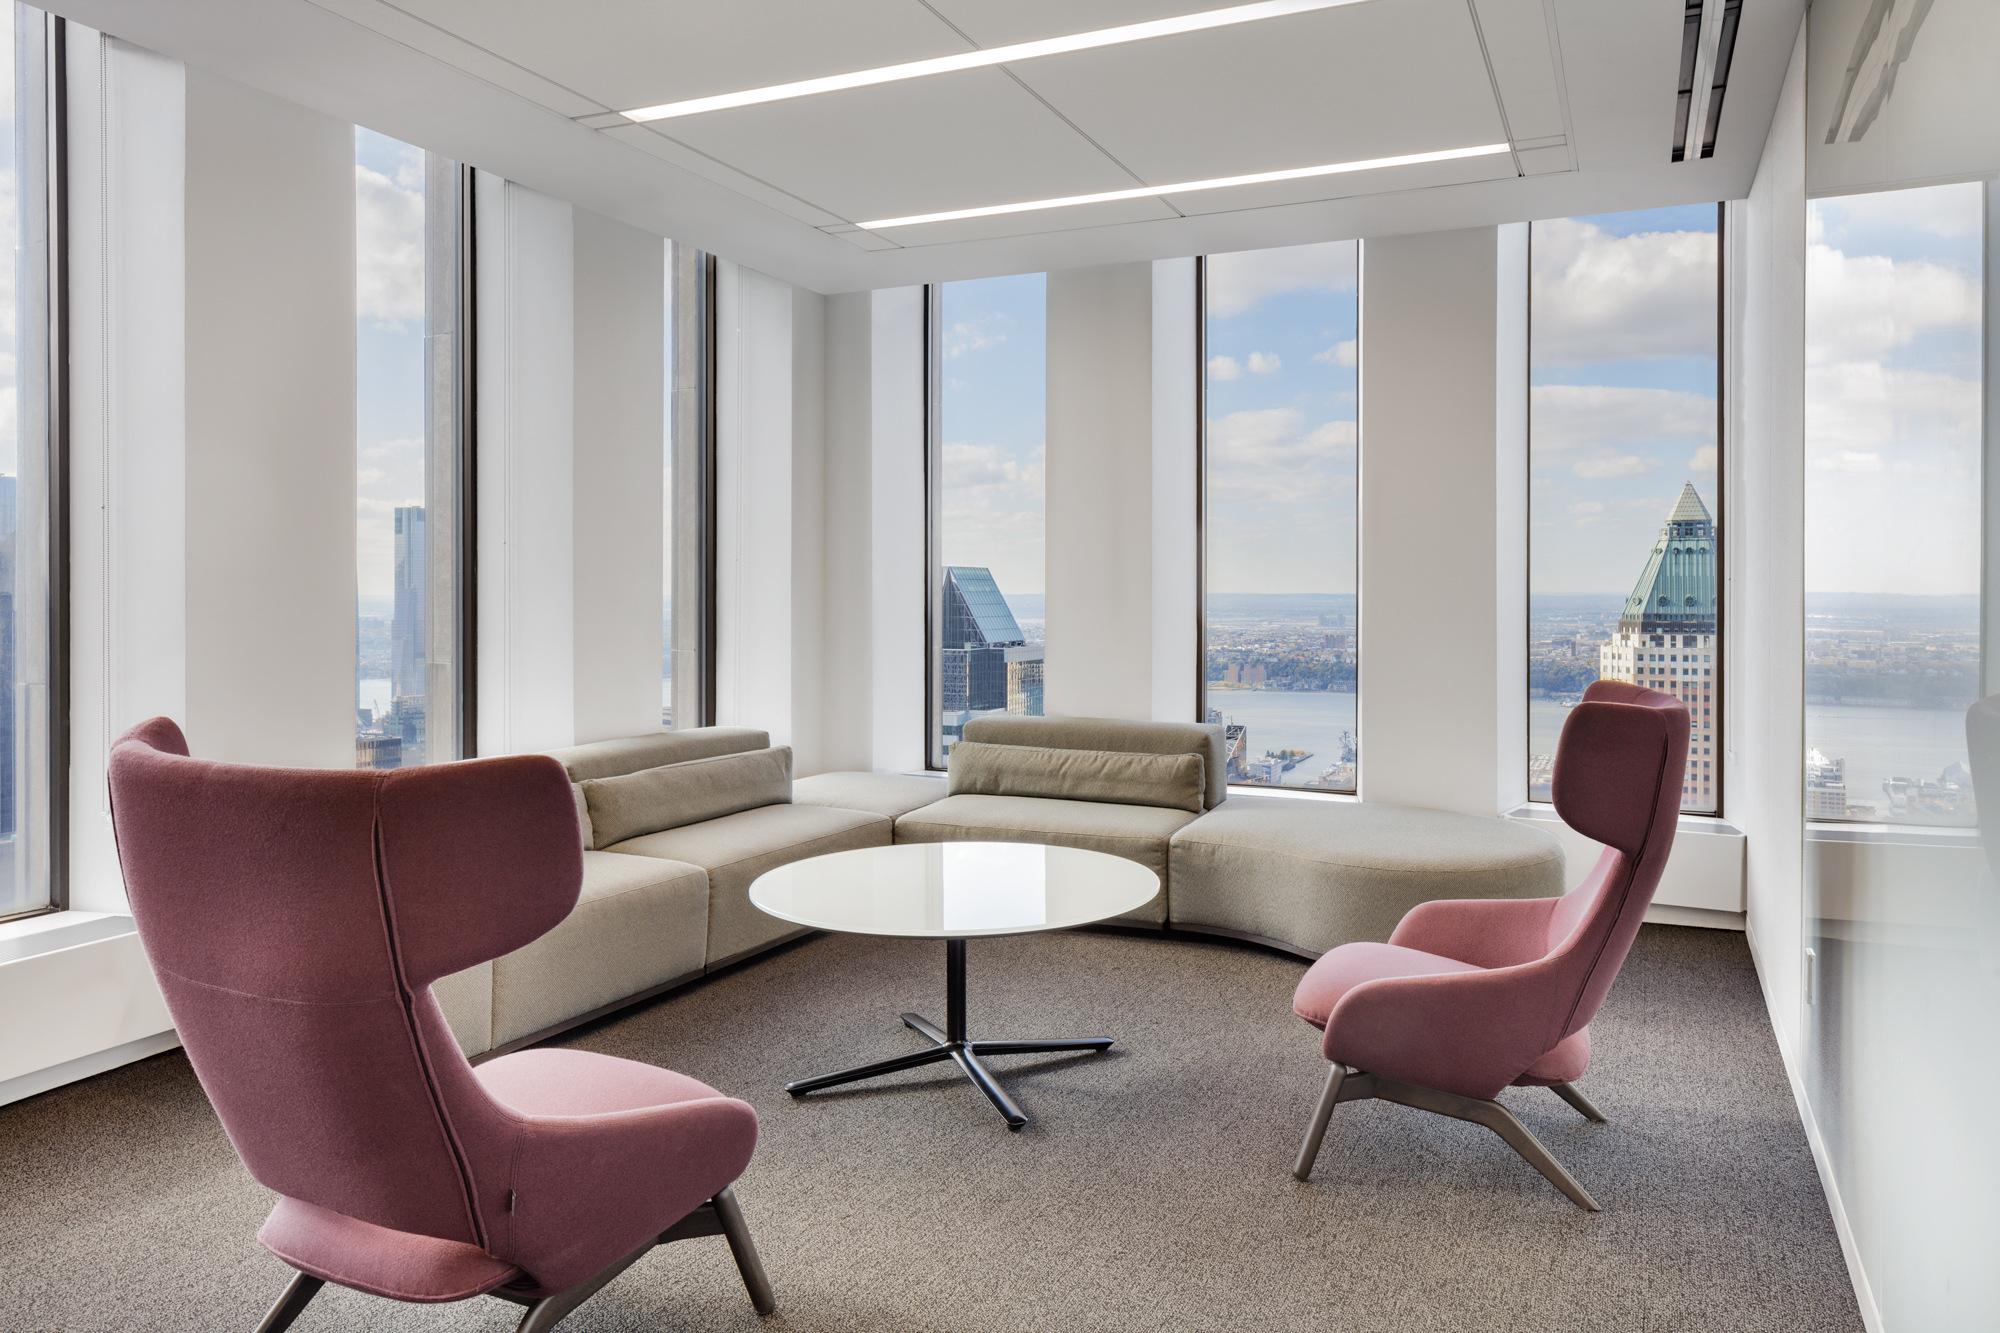 办公室室内装修设计 - 4.jpg